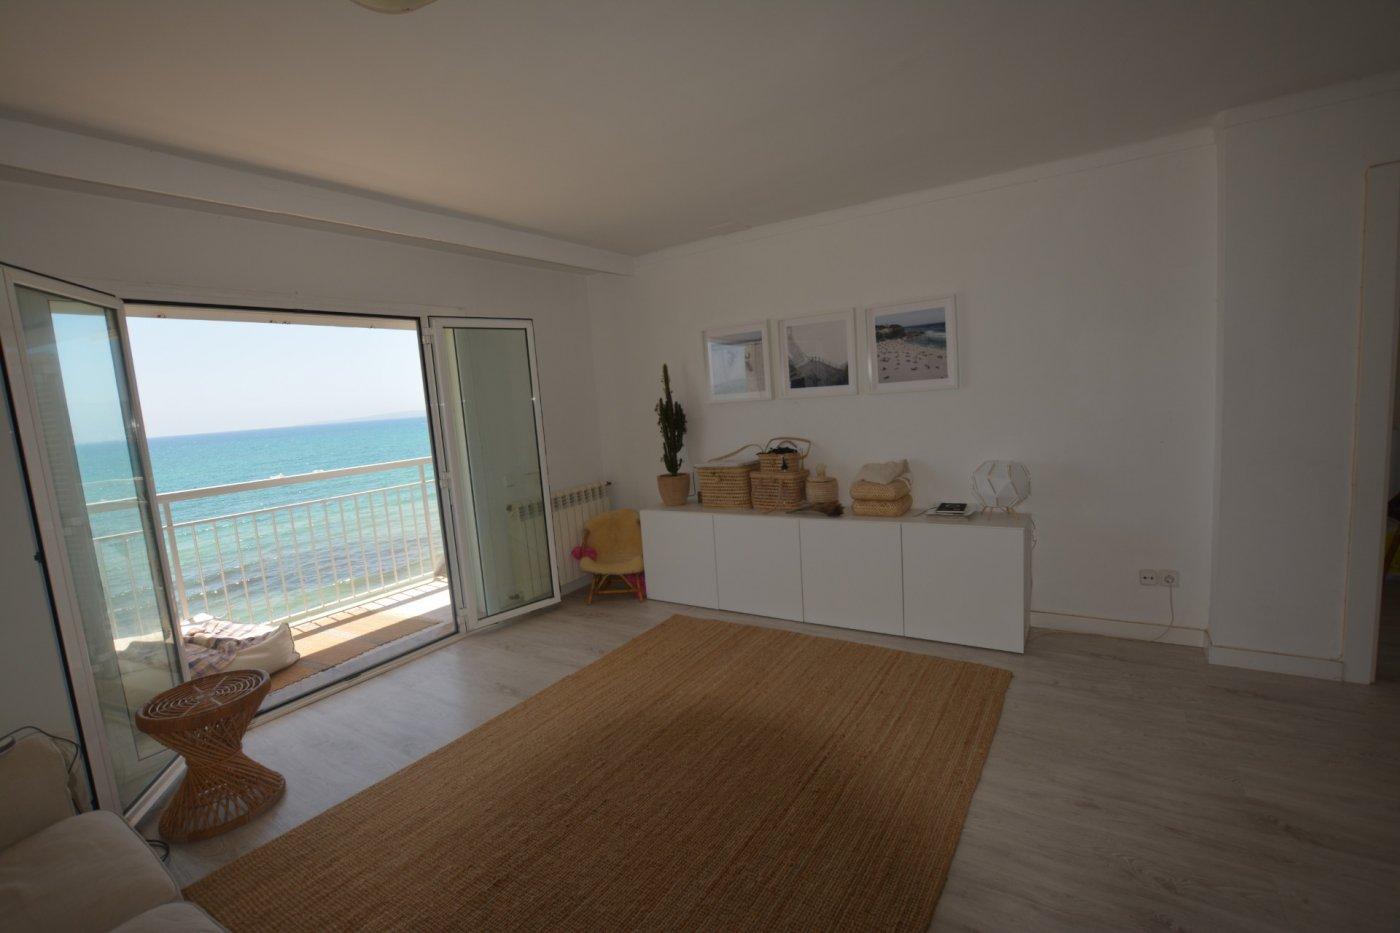 Precioso apartamento primera linea molinar - imagenInmueble4